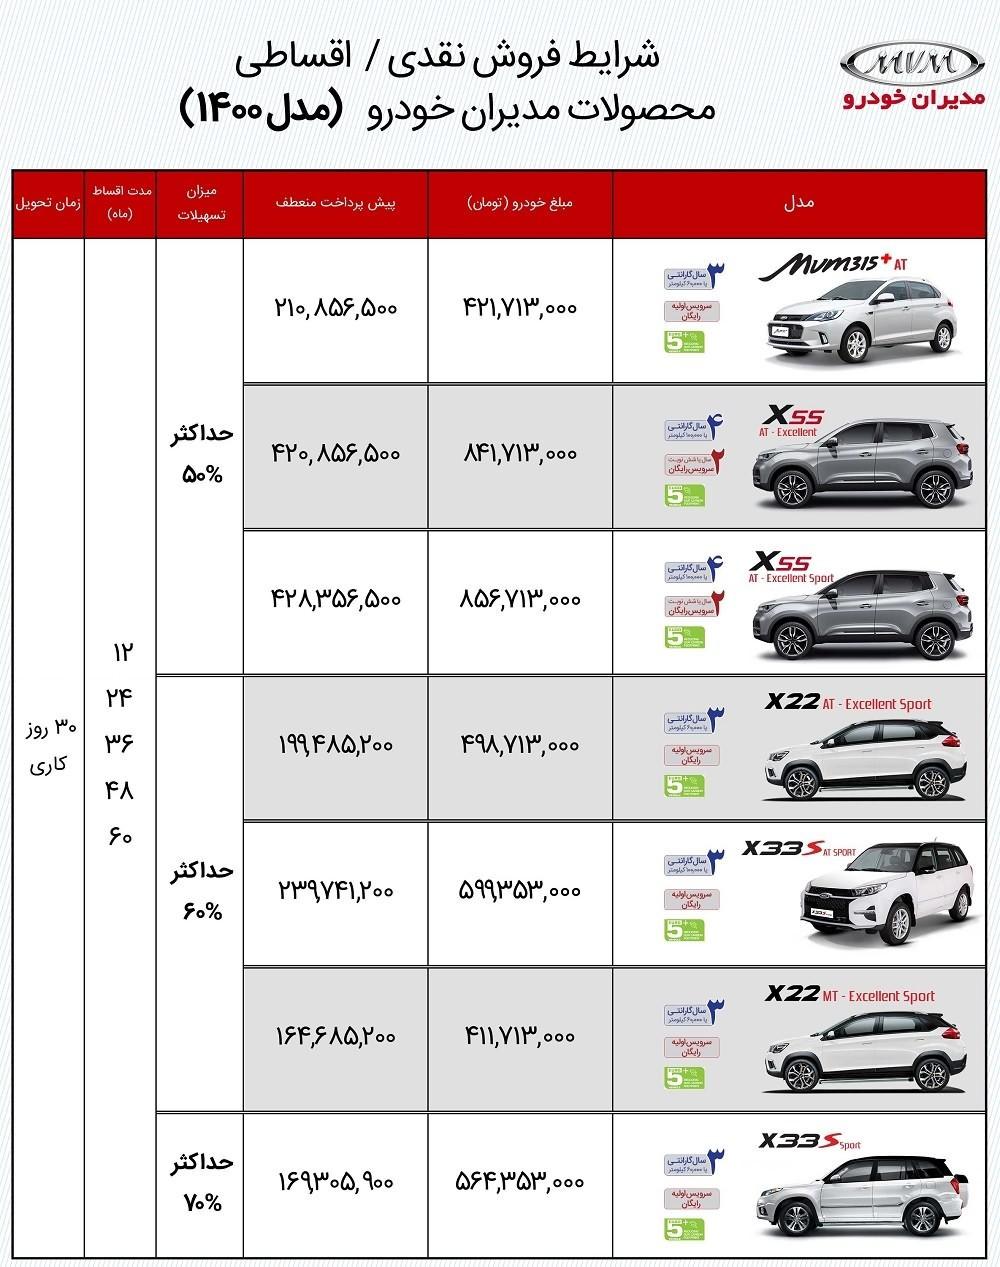 فروش اقساطی مدیران خودرو MVM / مرداد 1400